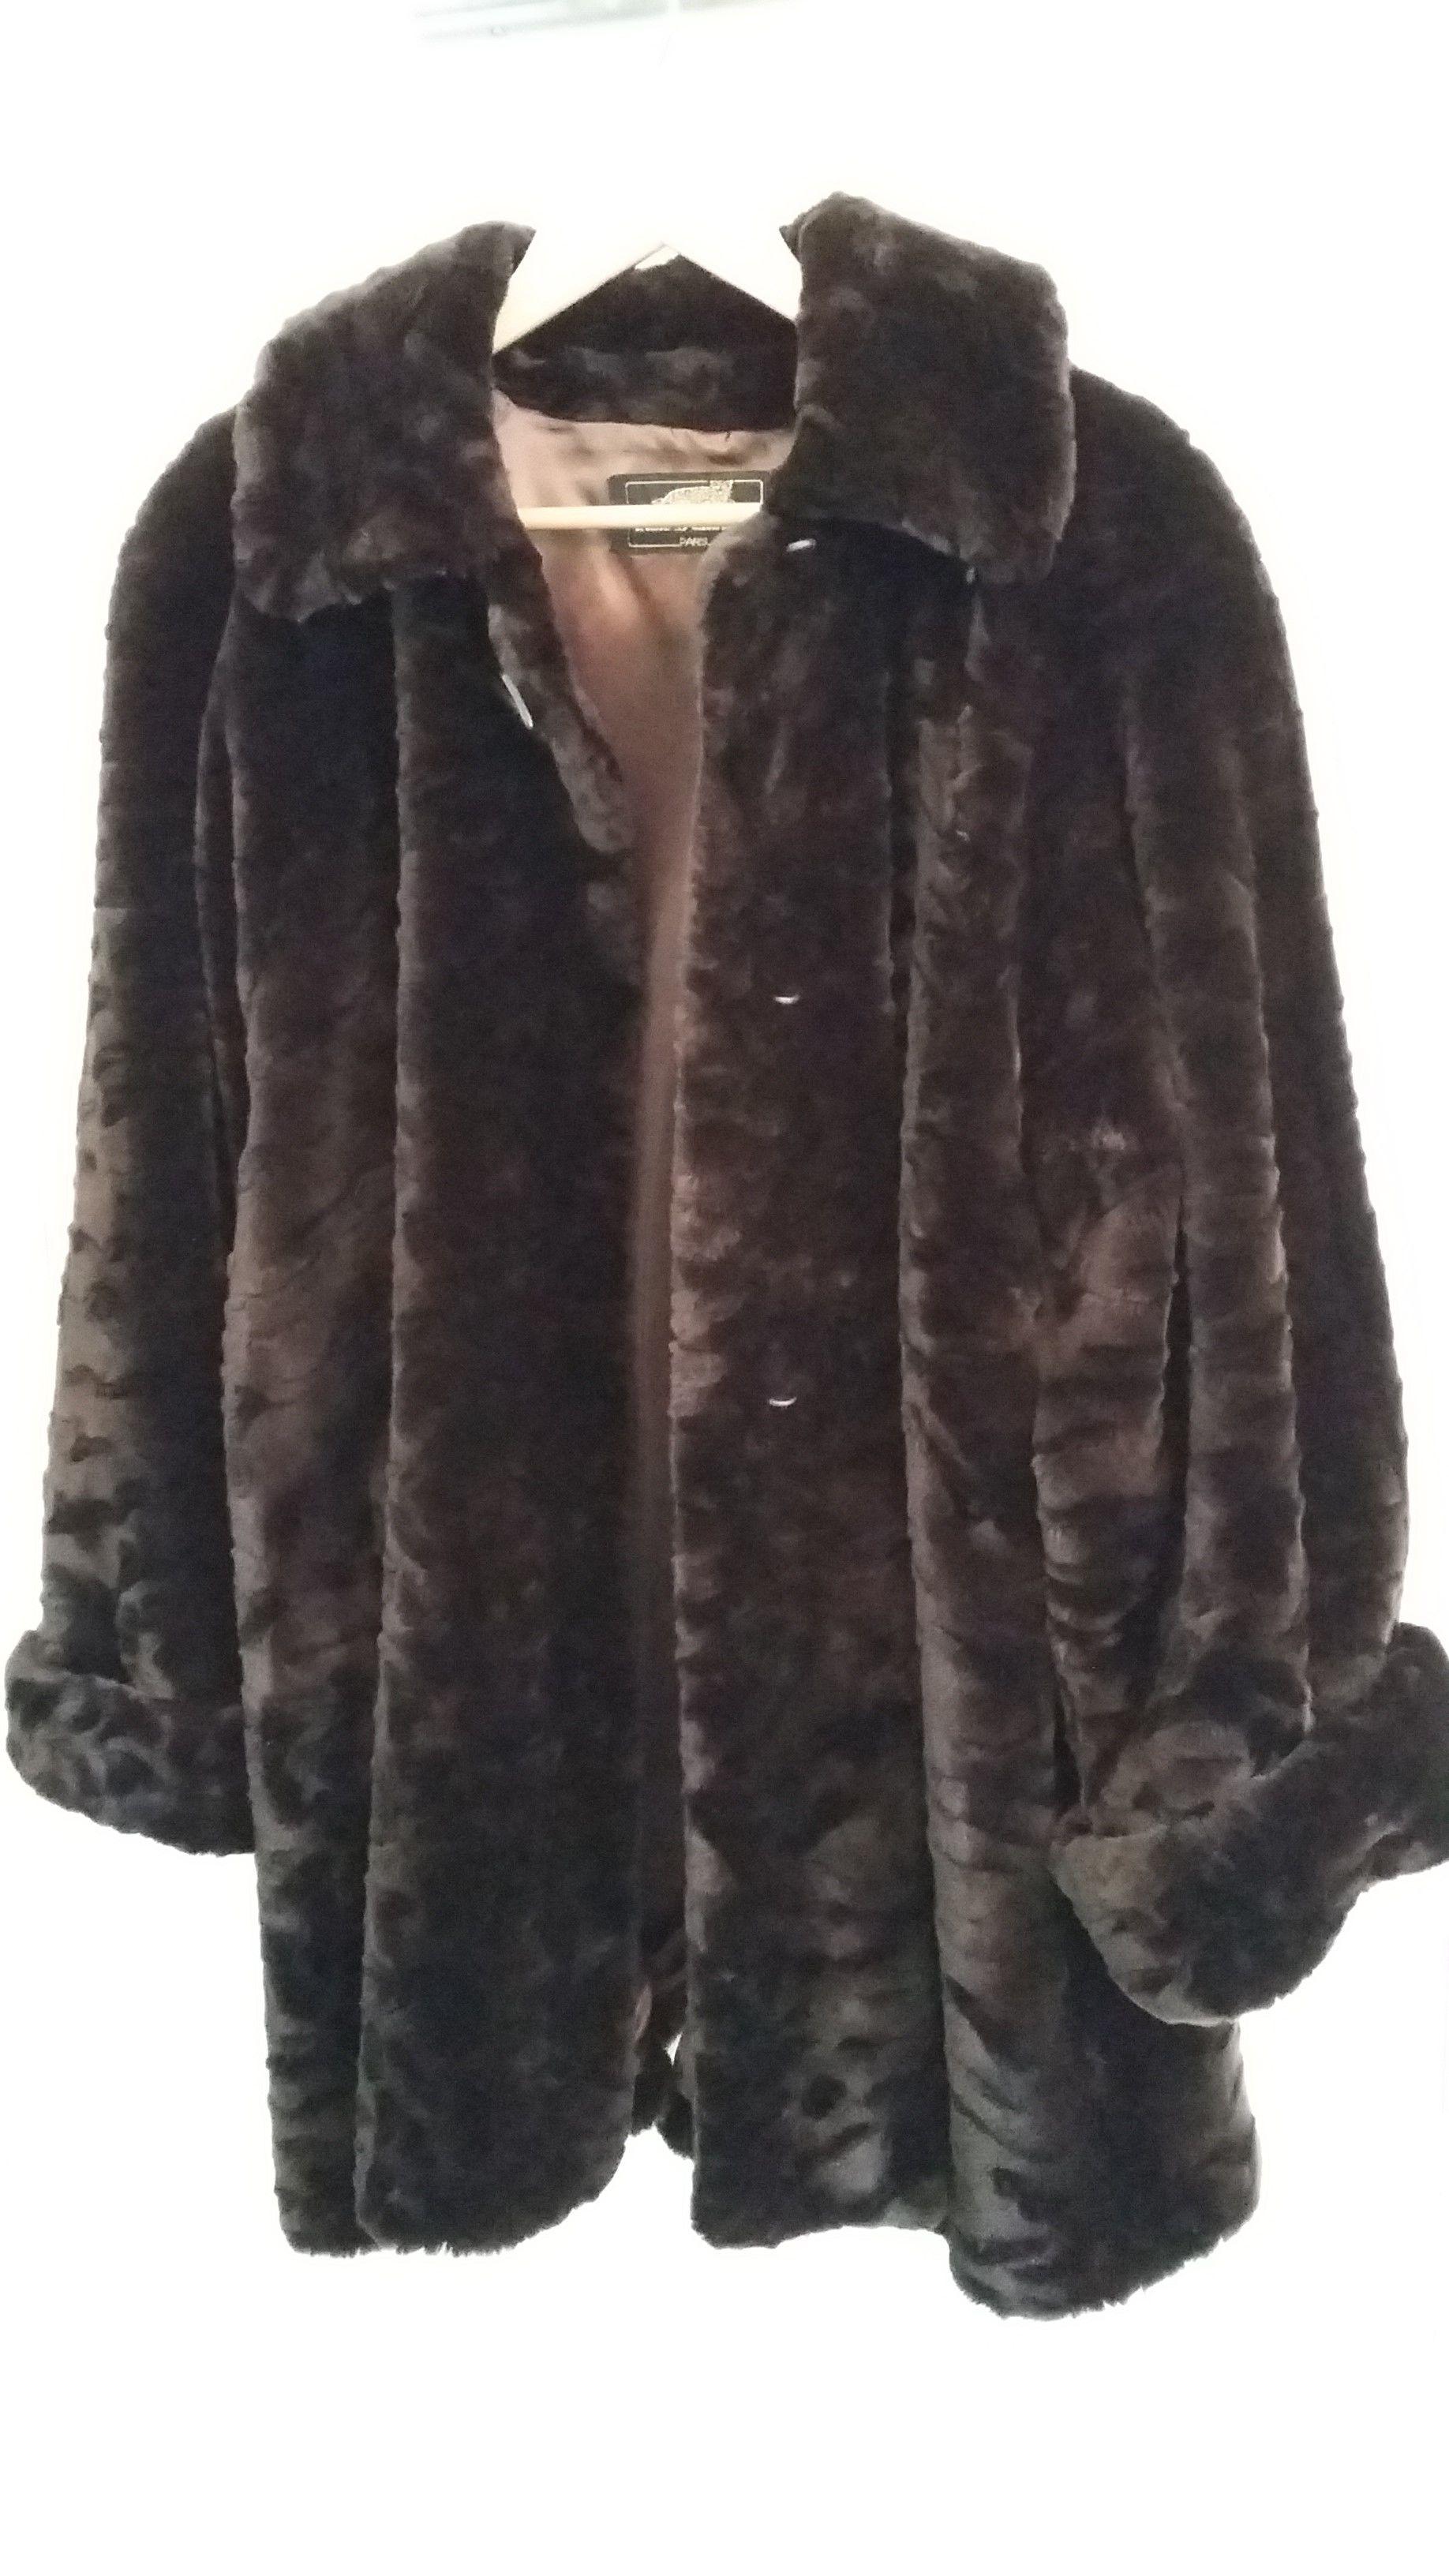 manteau brun en fausse fourrure Vêtements